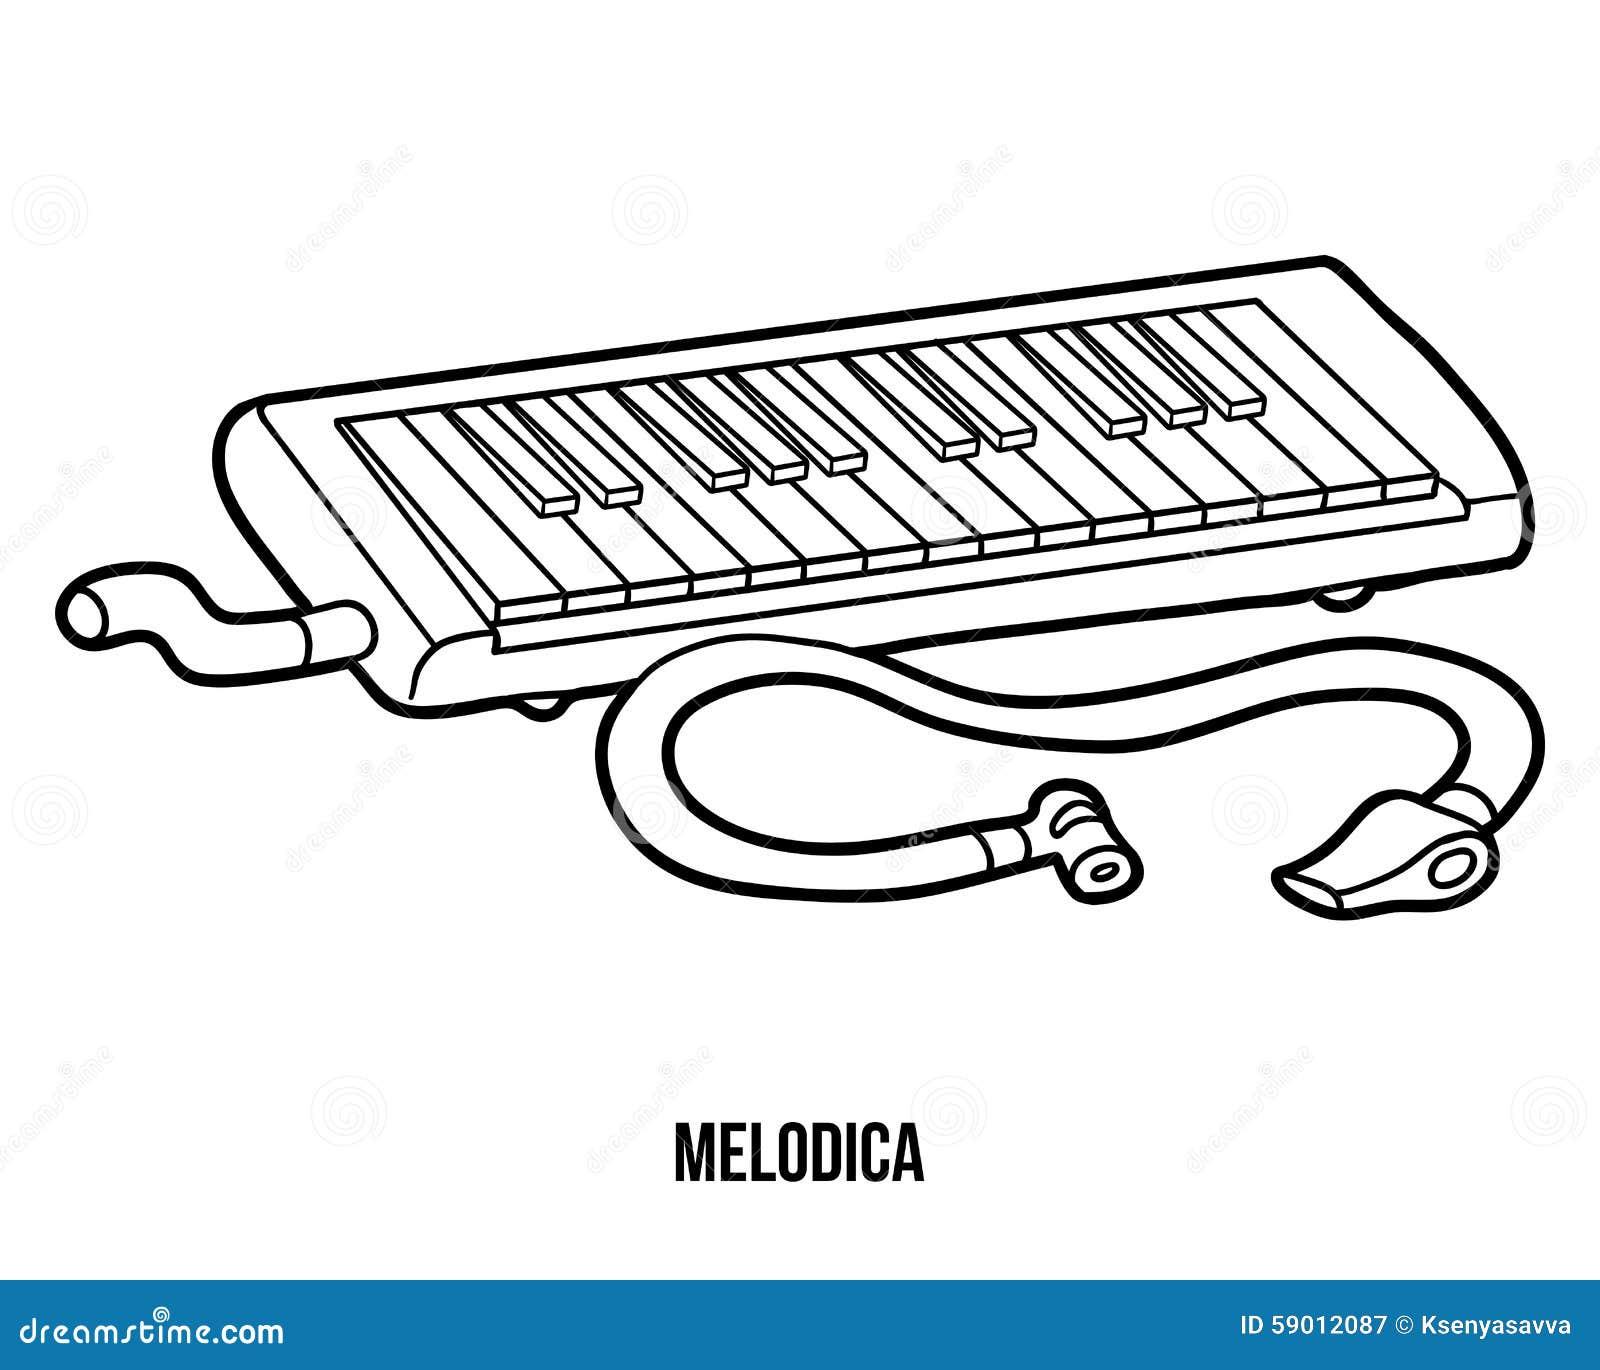 Libro De Colorear: Instrumentos Musicales (melodica) Ilustración del ...